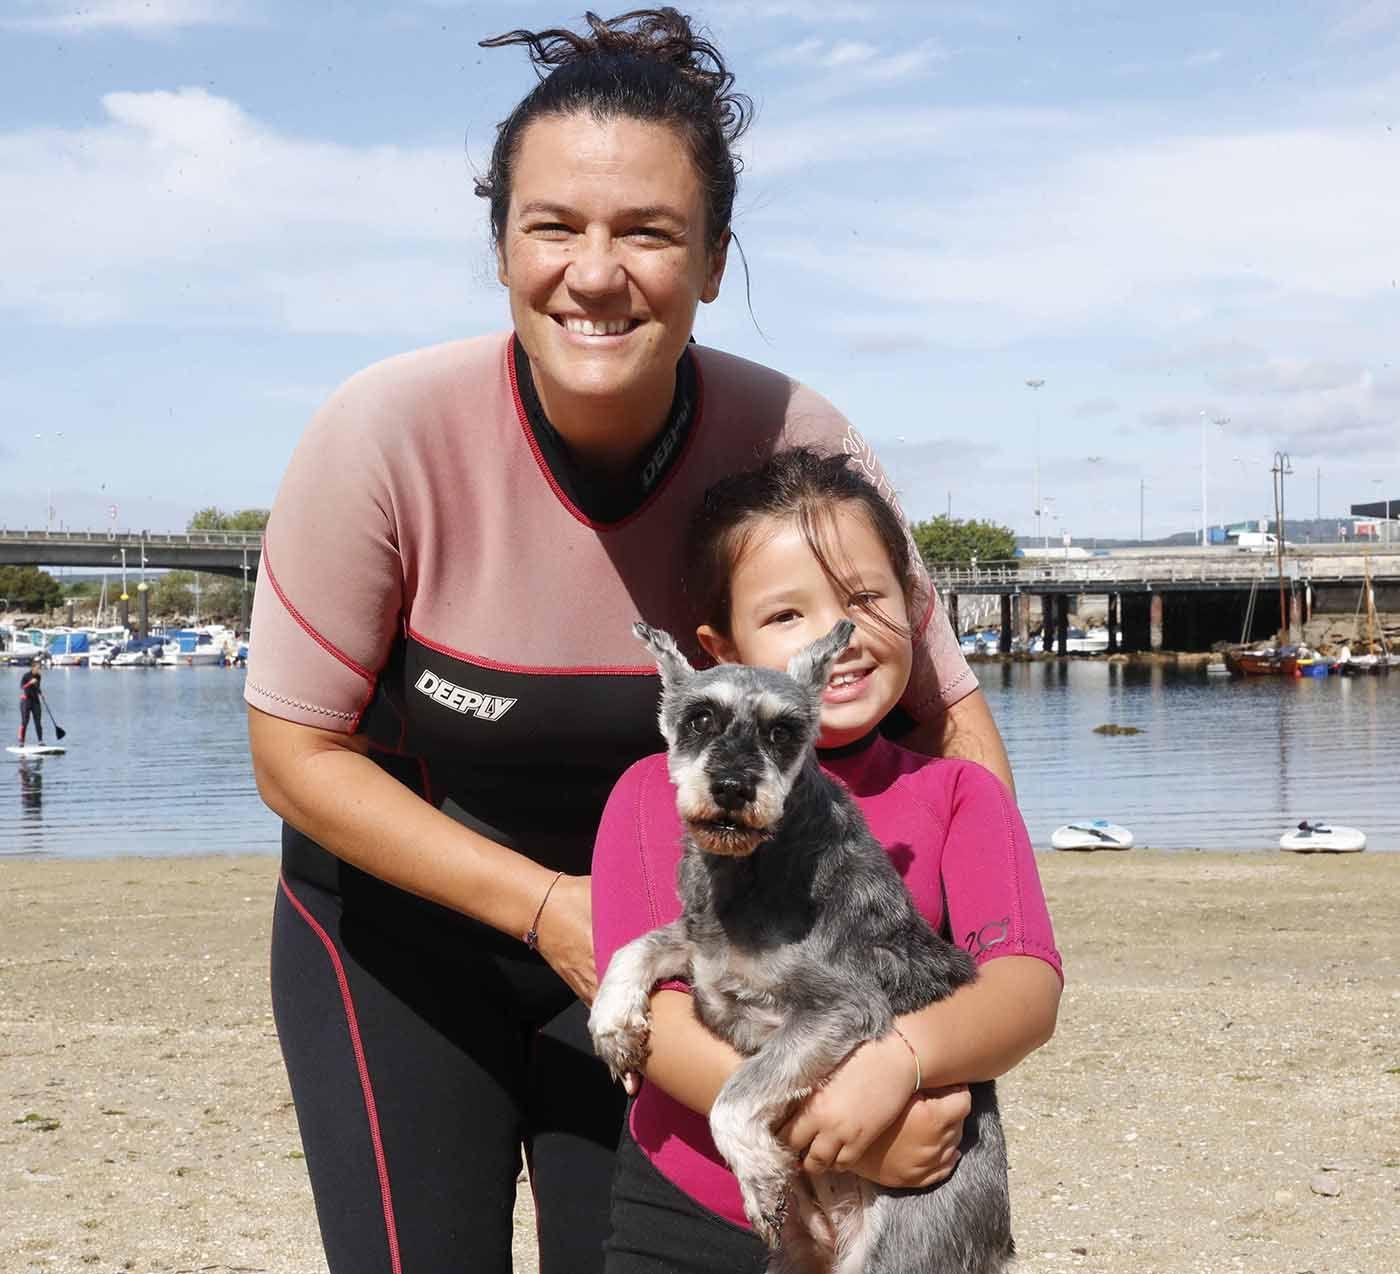 A la tendencia al alza de practicar pilates y yoga en el mar, se suman ahora las mascotas